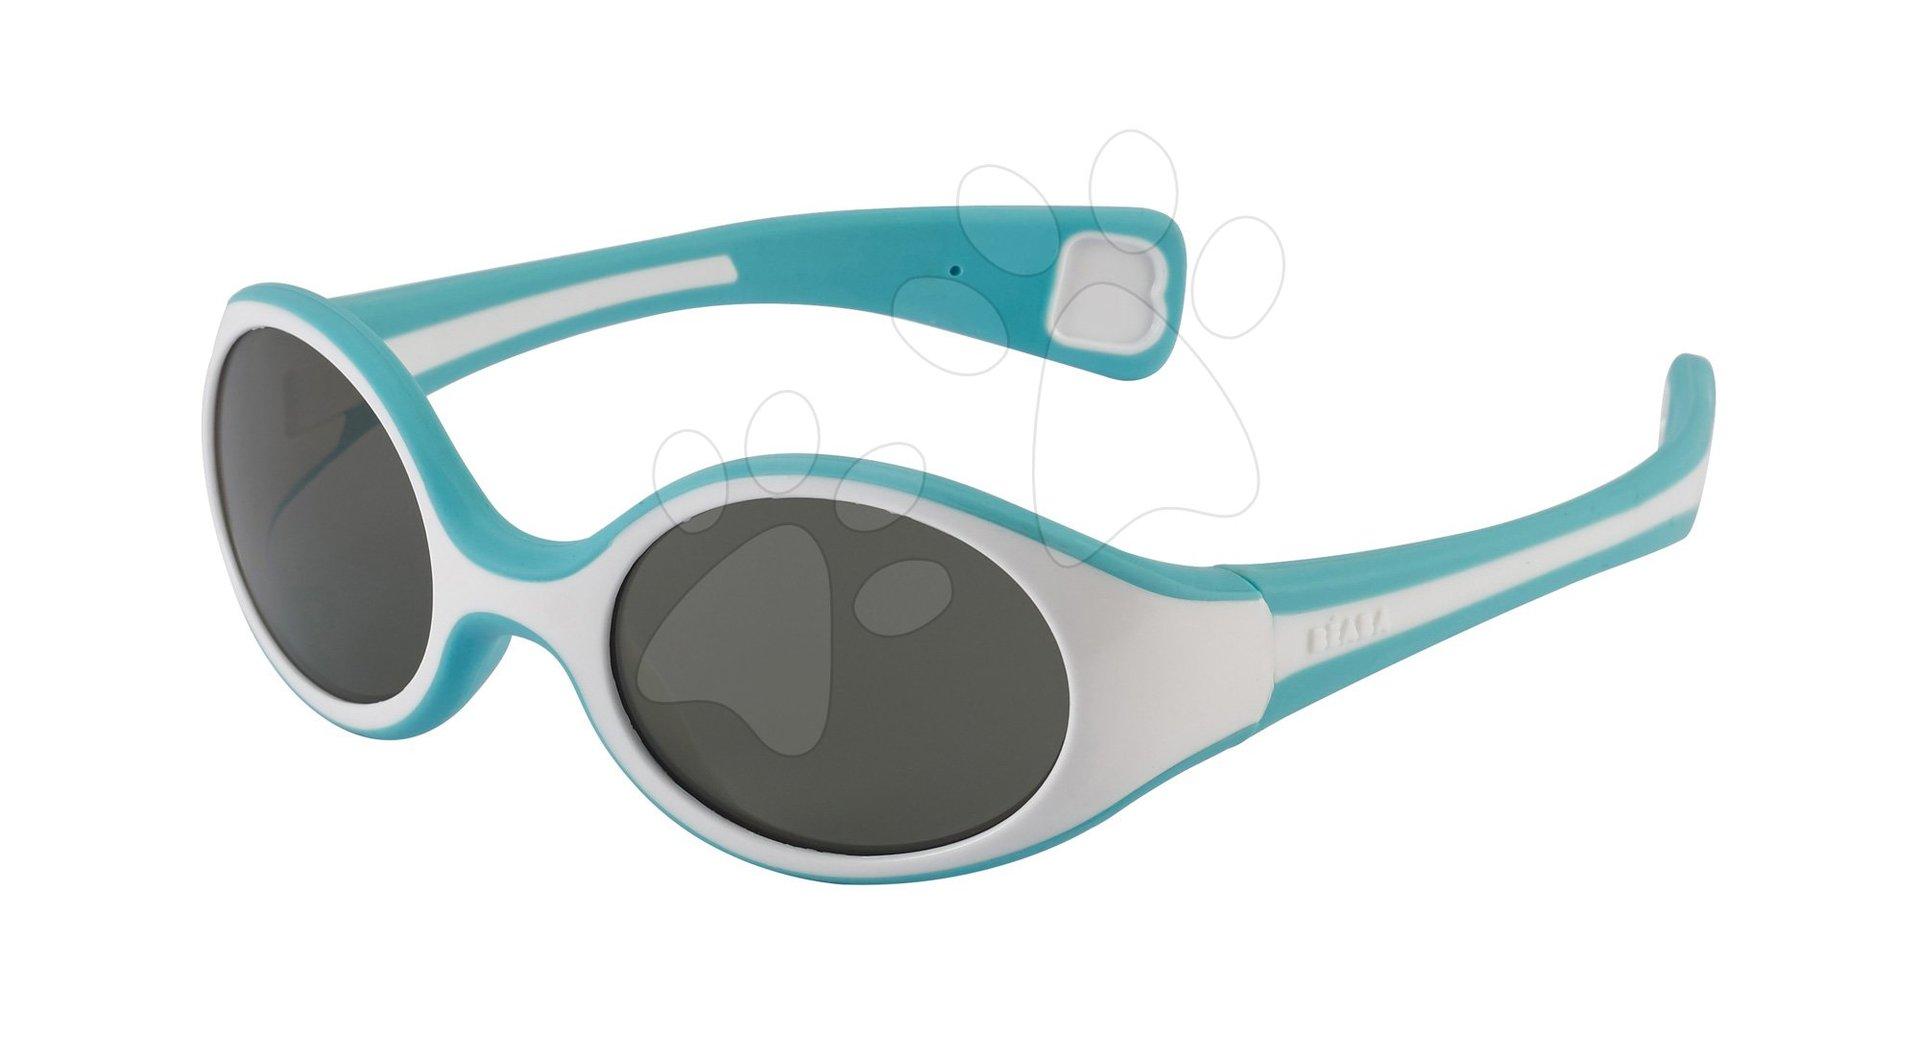 Slnečné okuliare Beaba Baby S UV filter 3 tyrkysové od 9 mesiacov